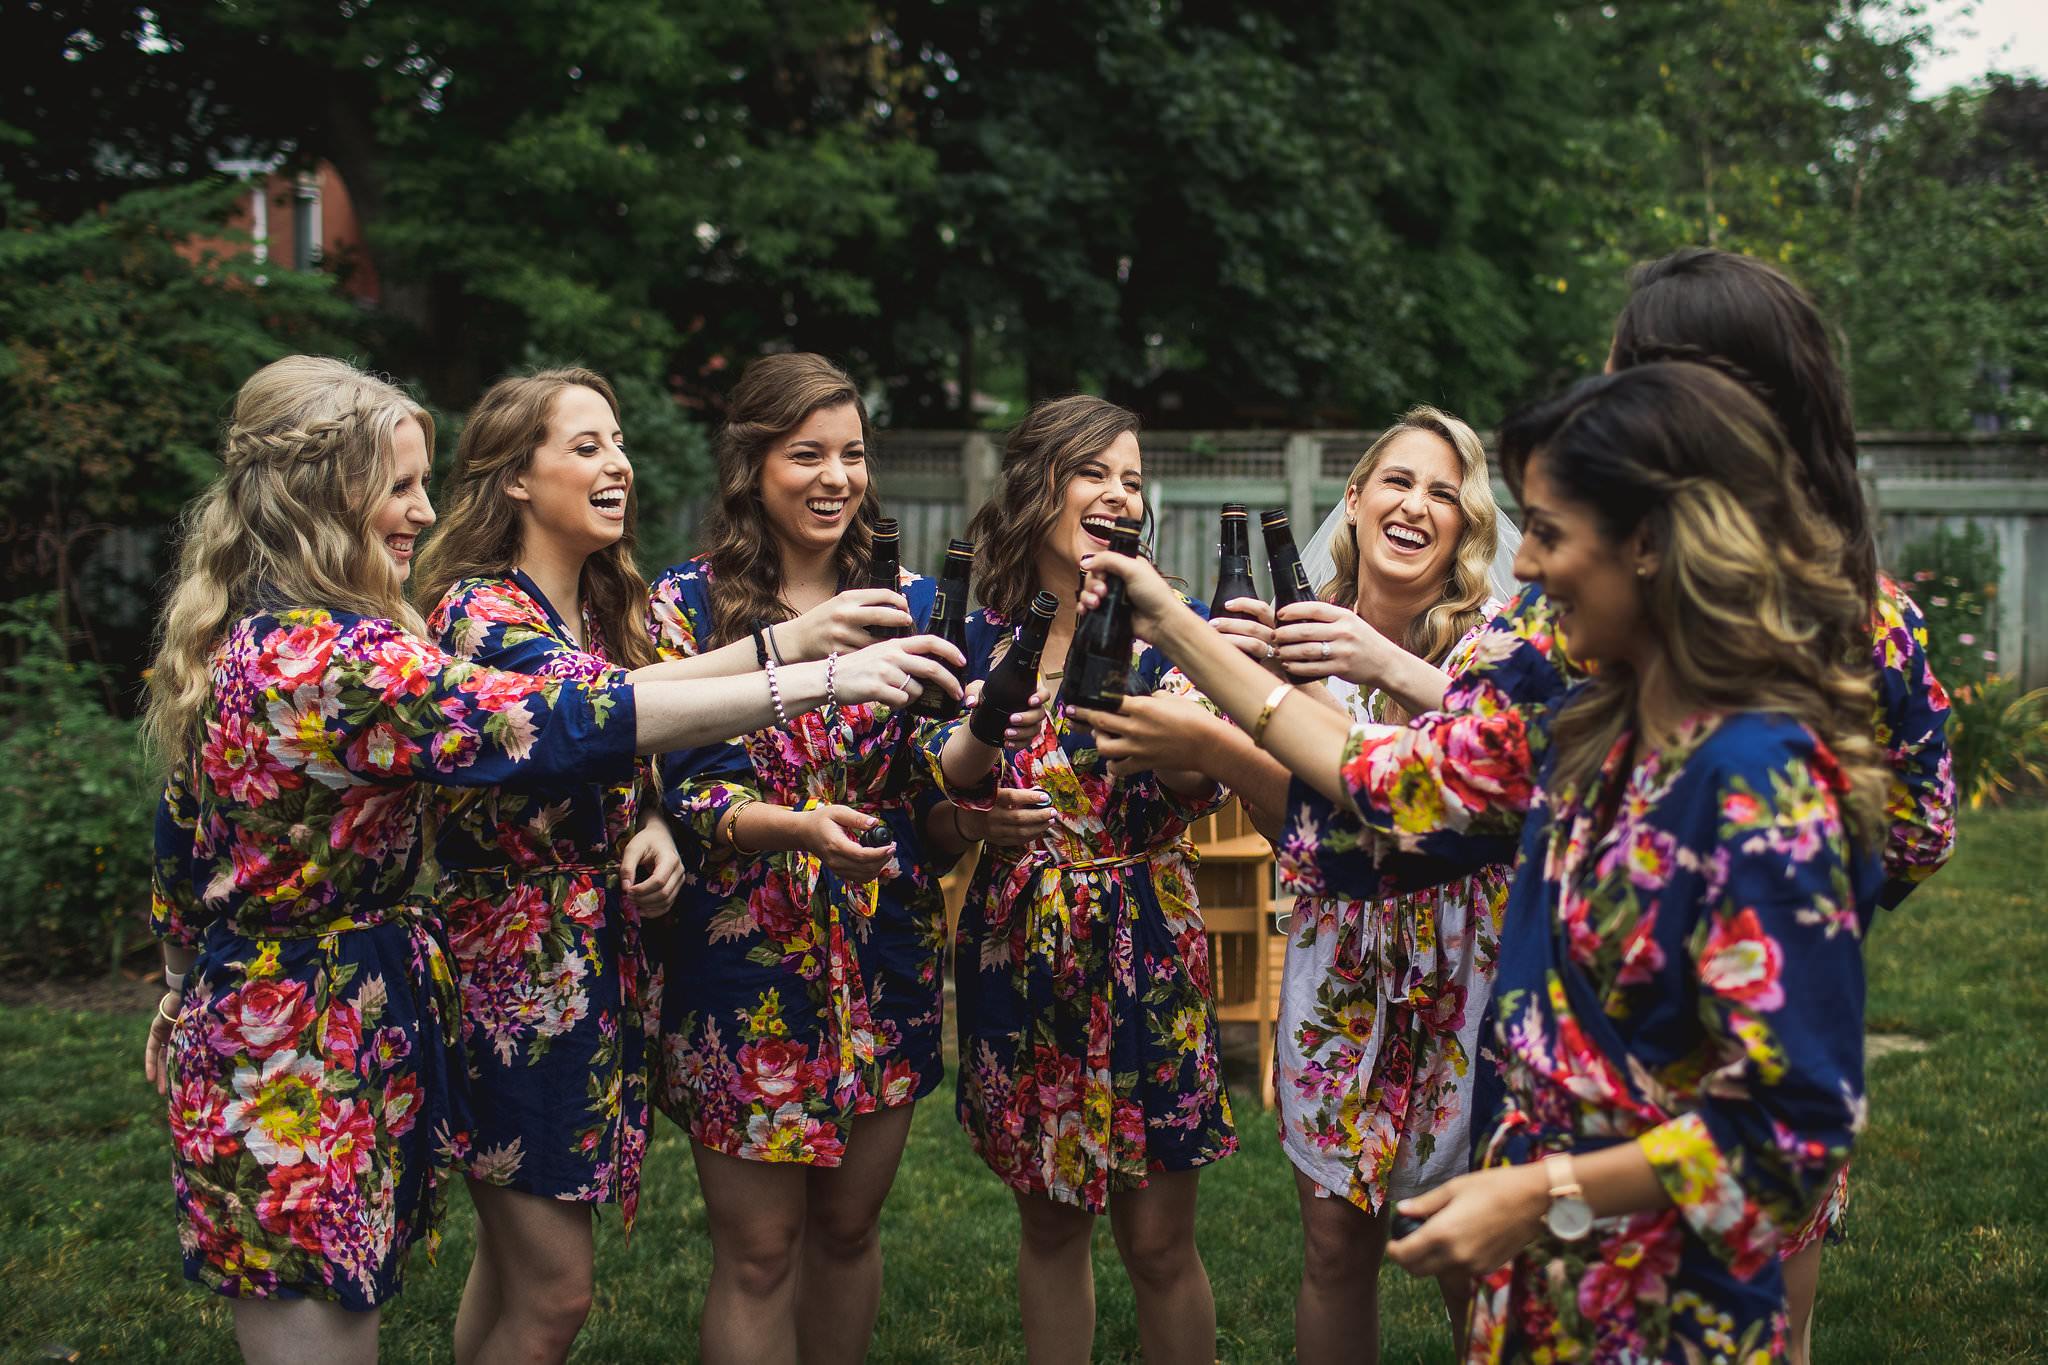 whistlebearweddingphotos 45 - Whistle Bear Wedding Photos